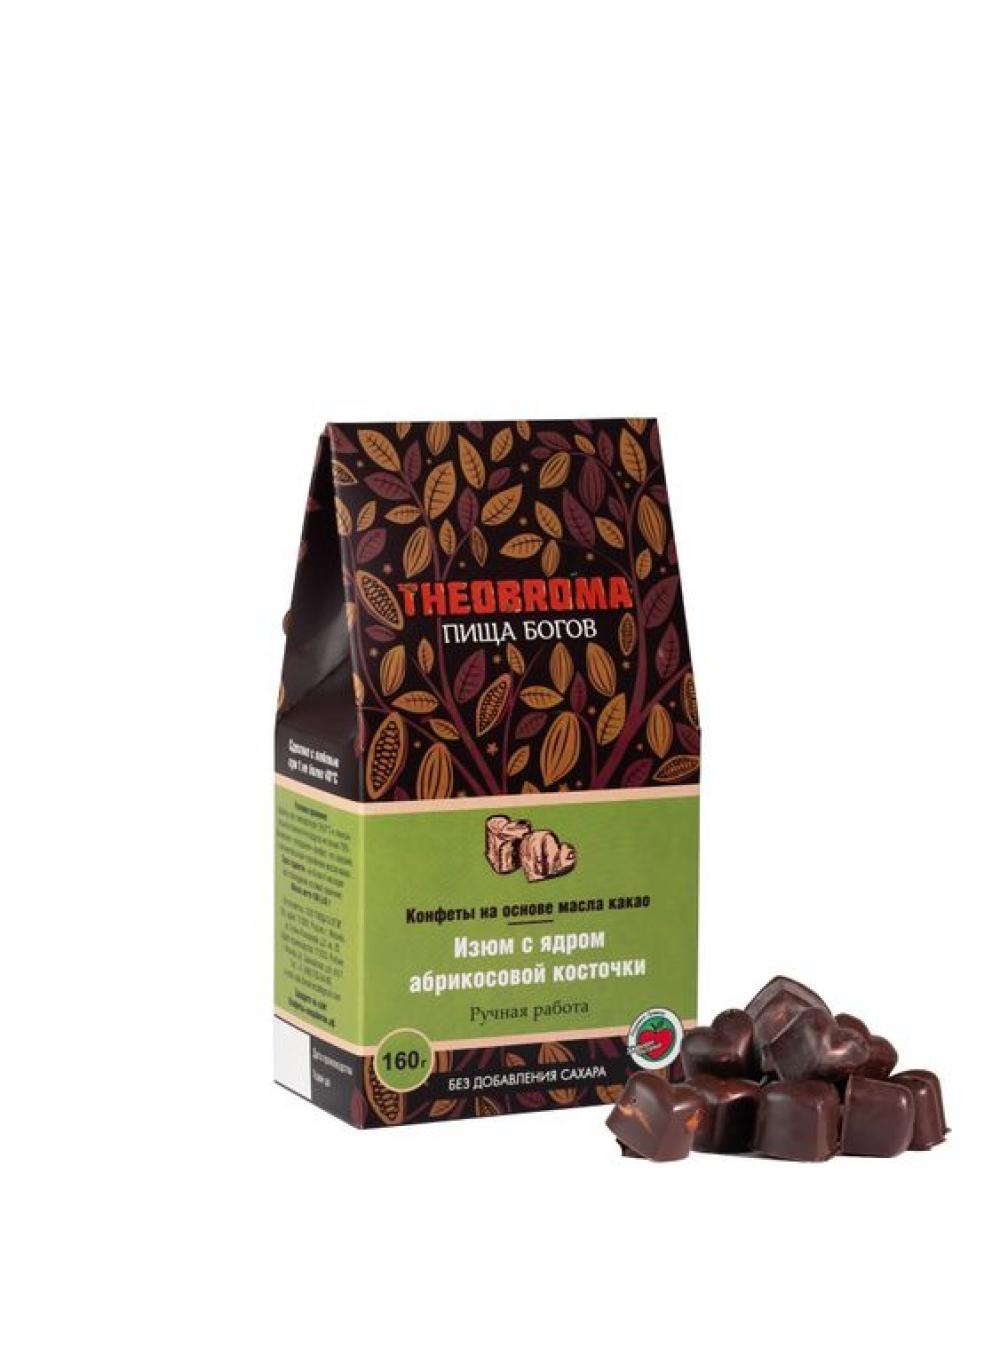 """Конфеты без сахара """"Изюм в шоколаде"""" THEOBROMA, 160гр."""